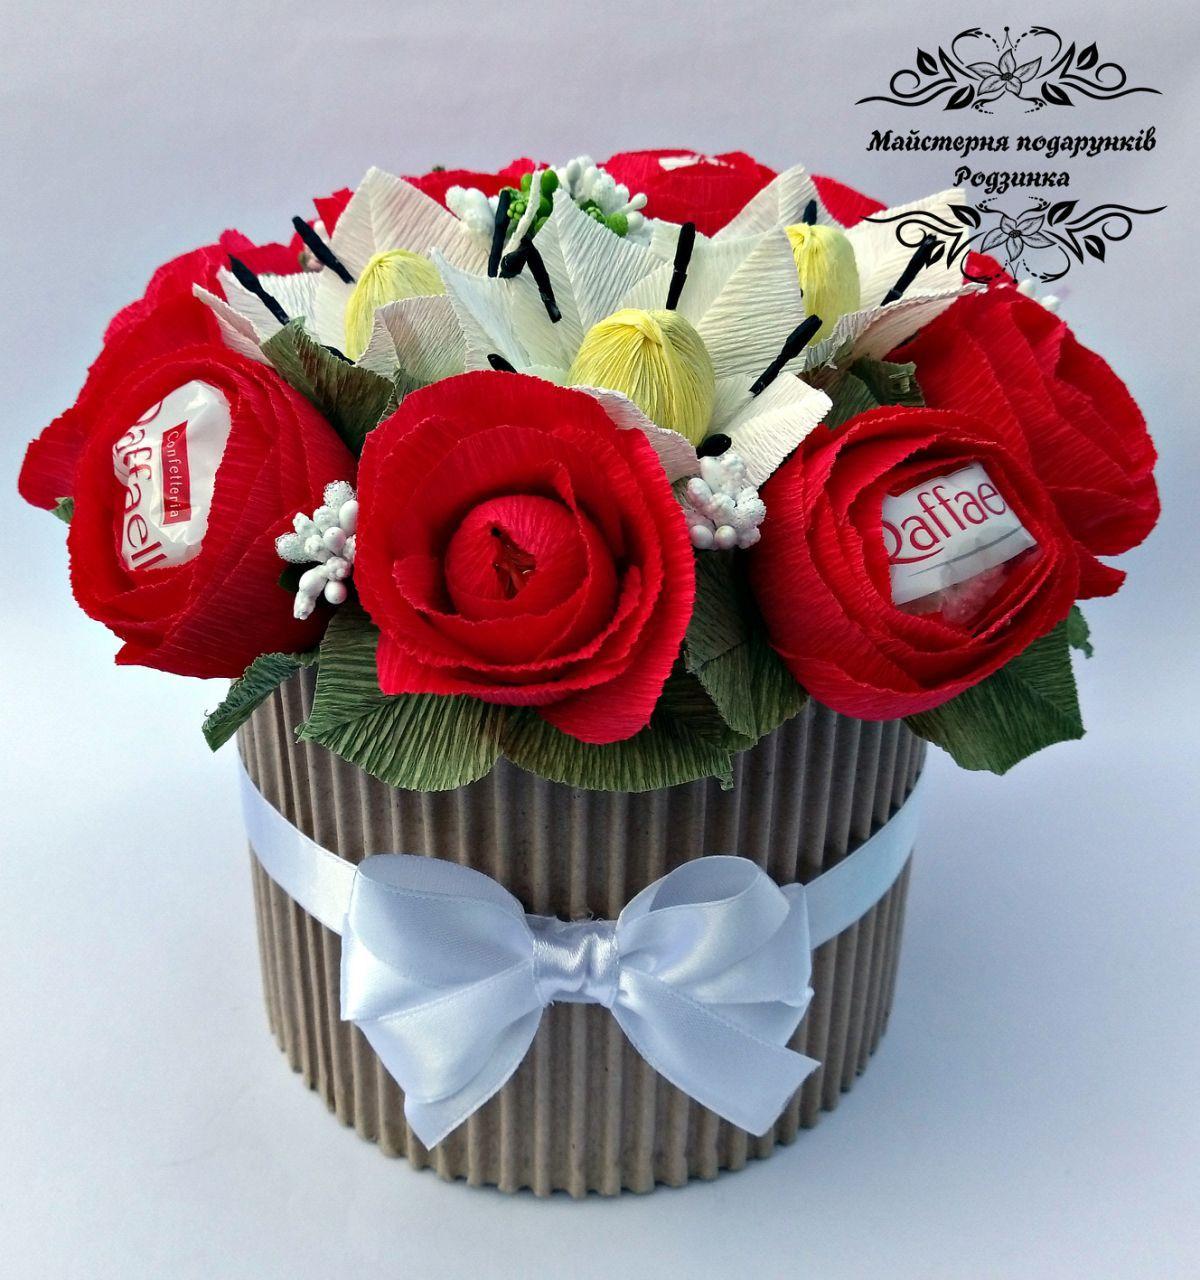 Подарунок жінці. Солодкий  букет з цукерок Троянди з ліліями в коробці.